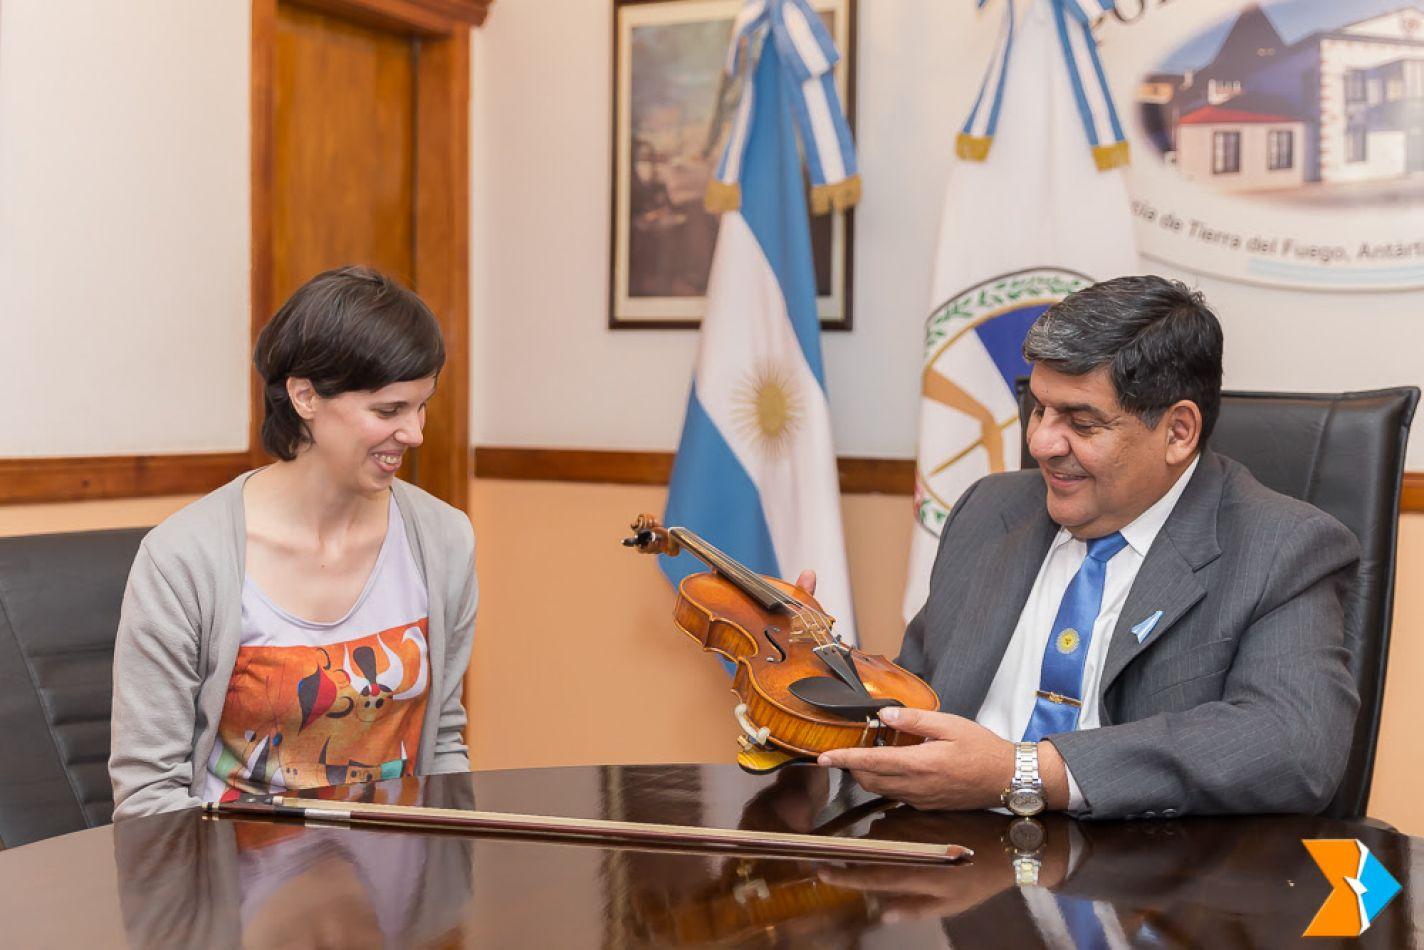 Silvana Ledesma, violinista y docente de varias instituciones de la ciudad visito al presidente del Parlamento, Juan Carlos Arcando.